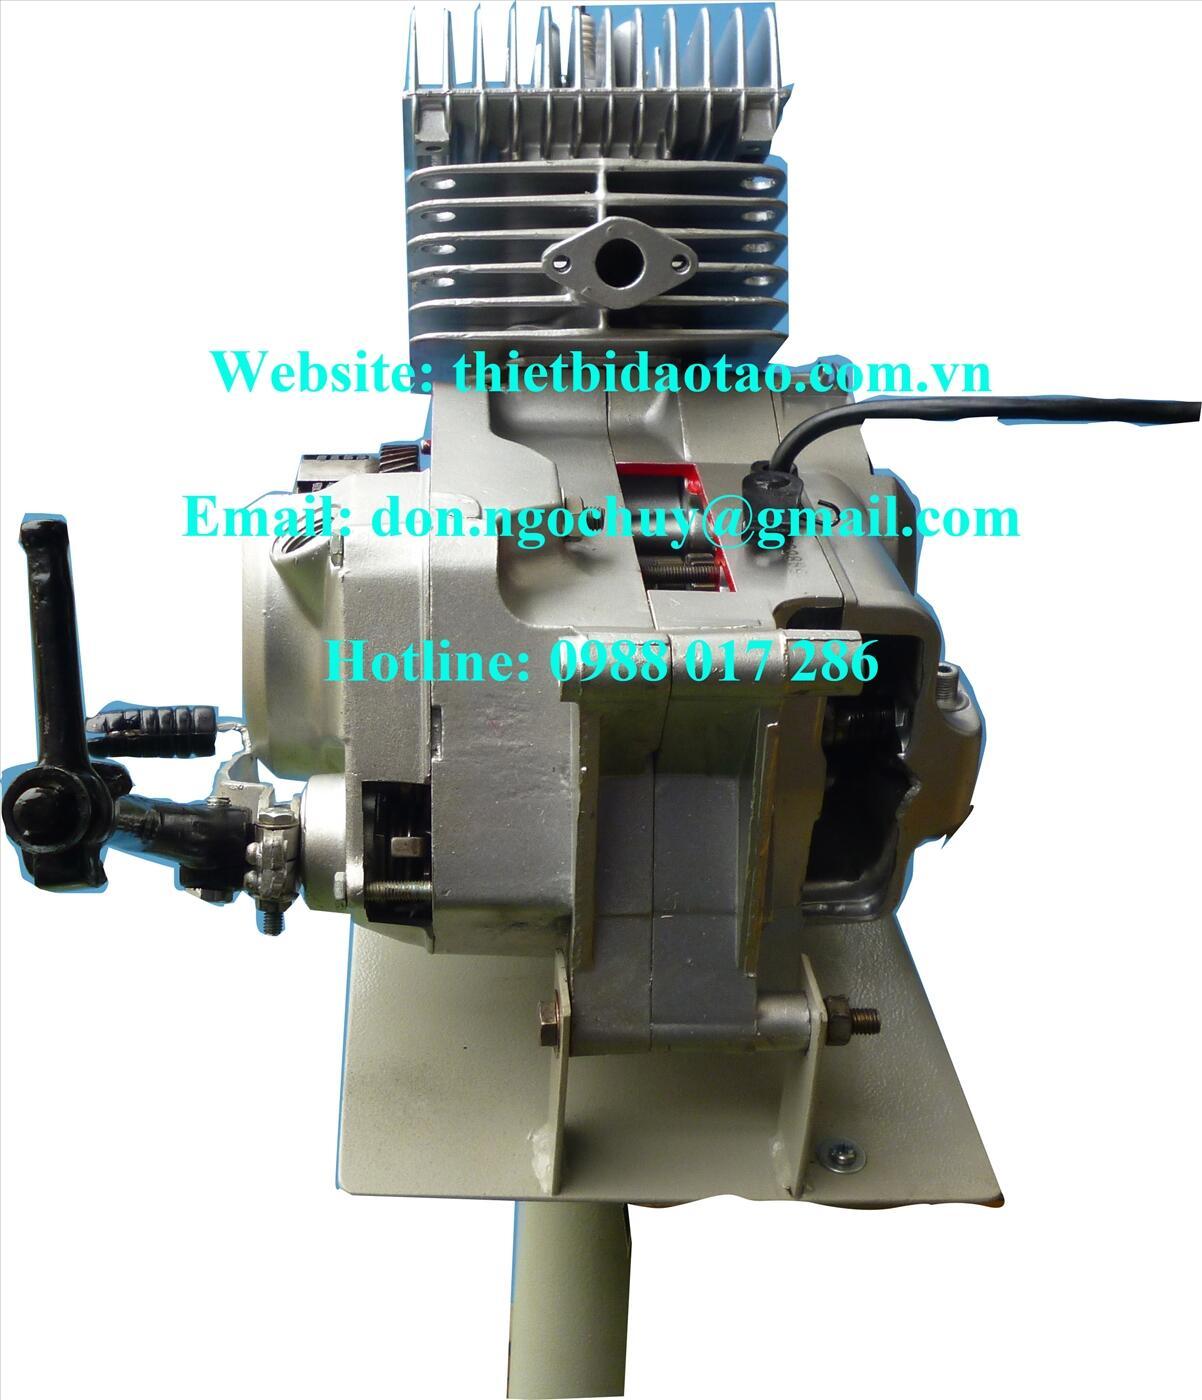 Mô hình động cơ xe ga cắt bổ